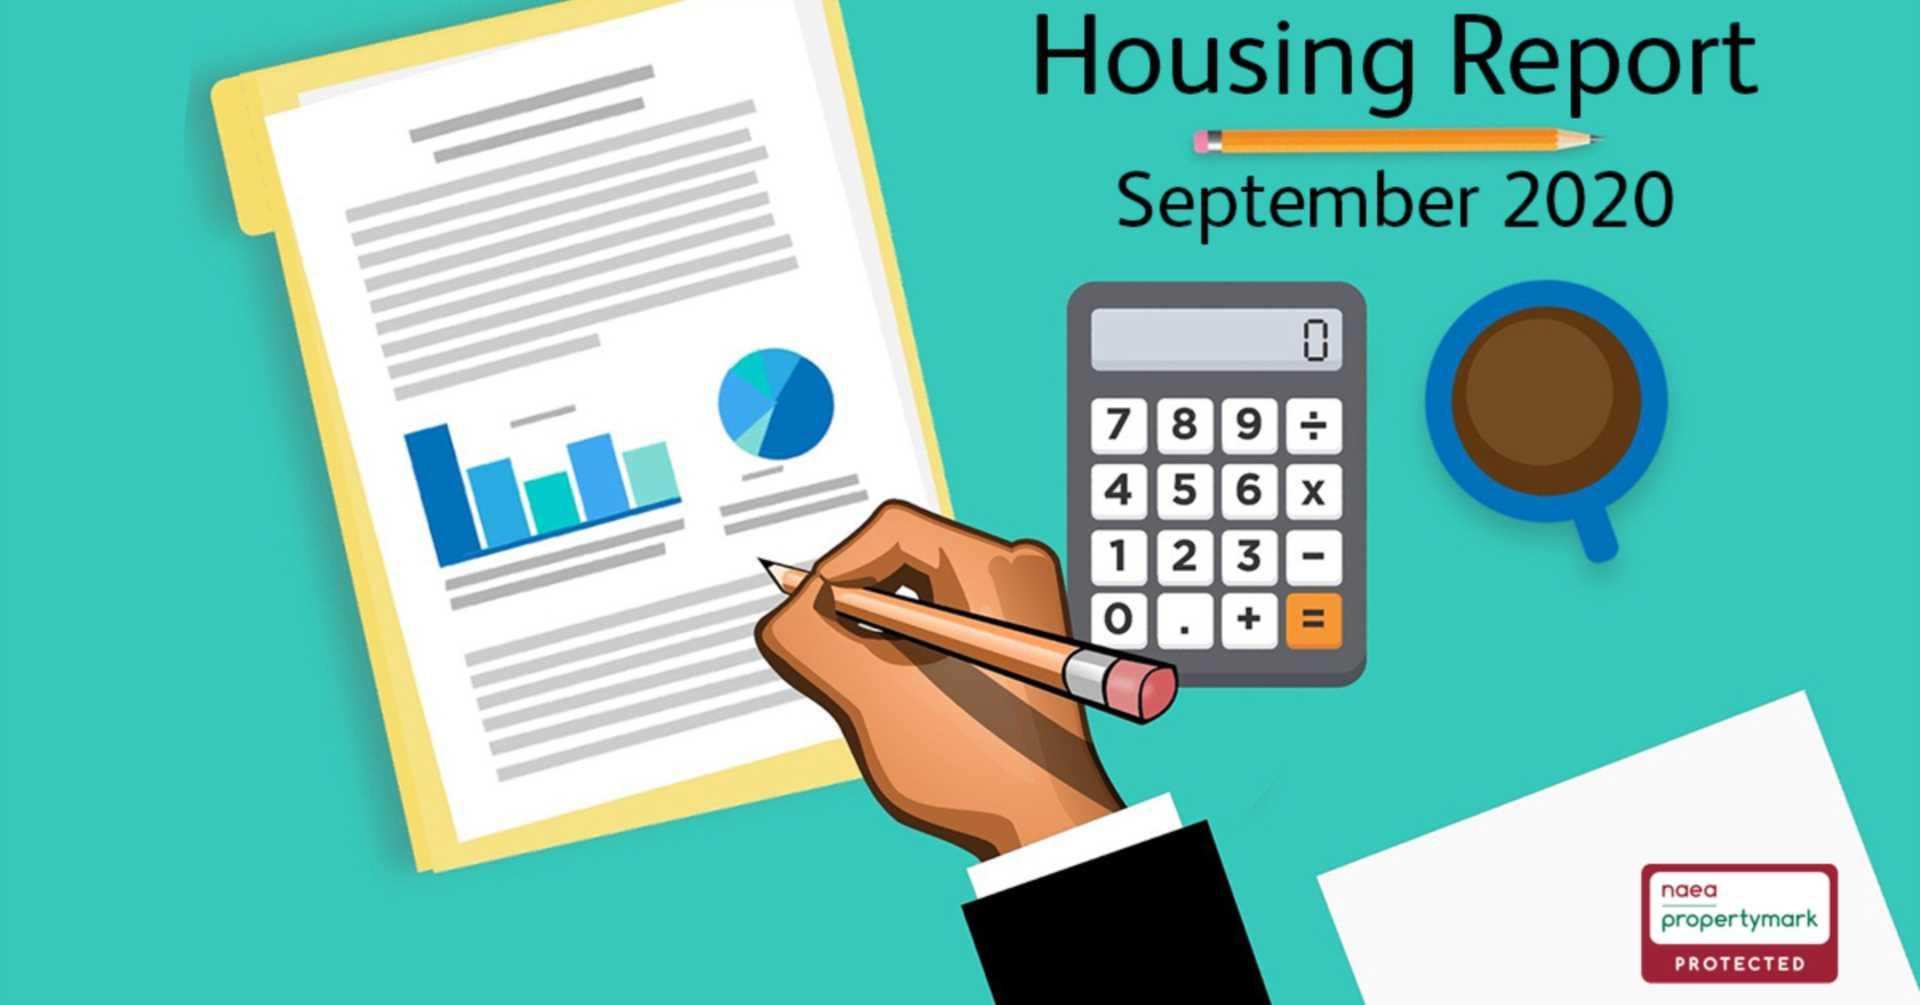 Housing Report, September 2020